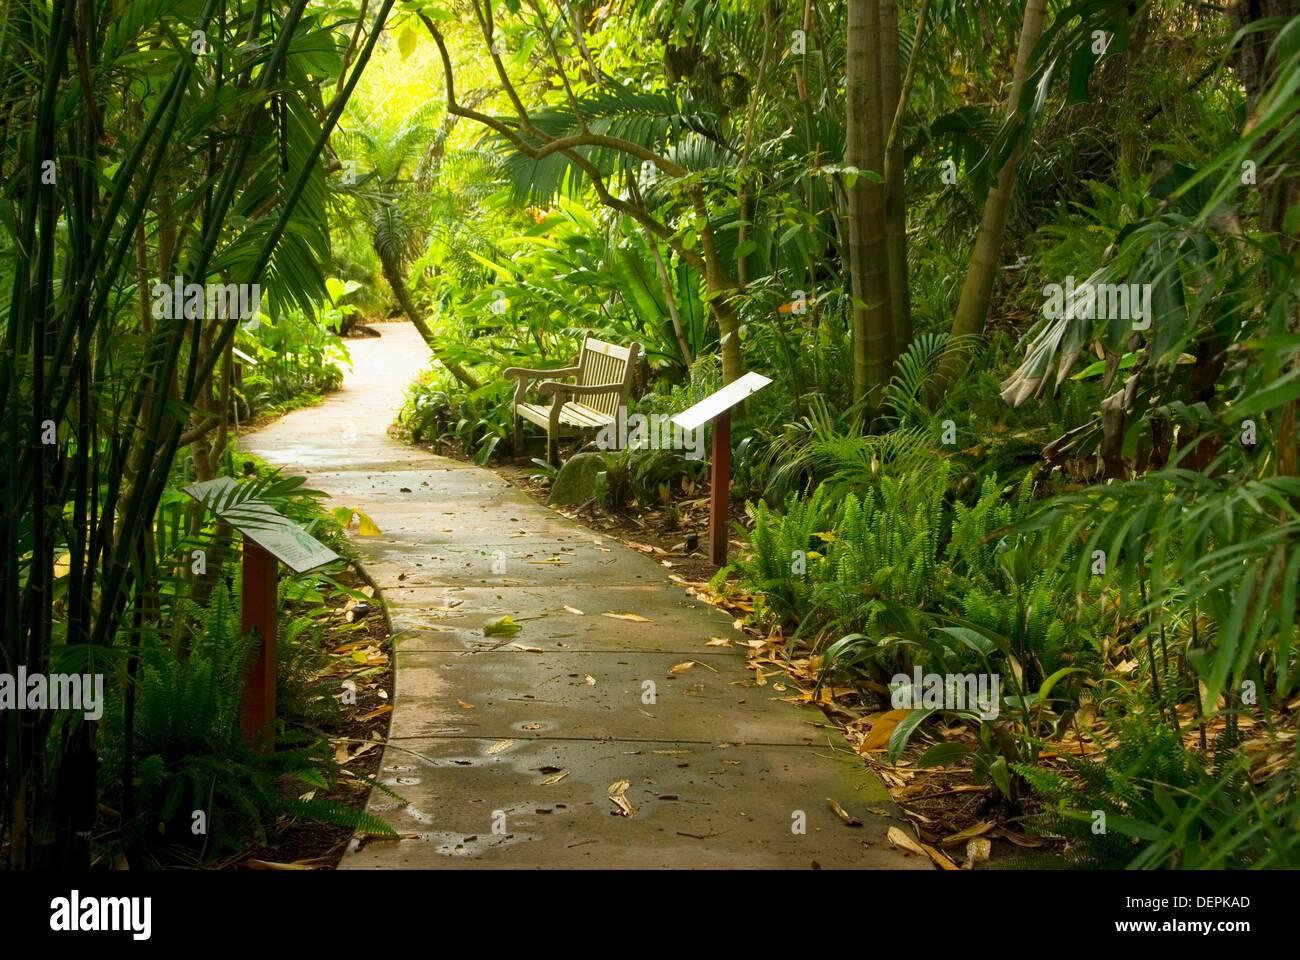 Path Through Tropical Rain Forest Garden, San Diego Botanic Garden,  California